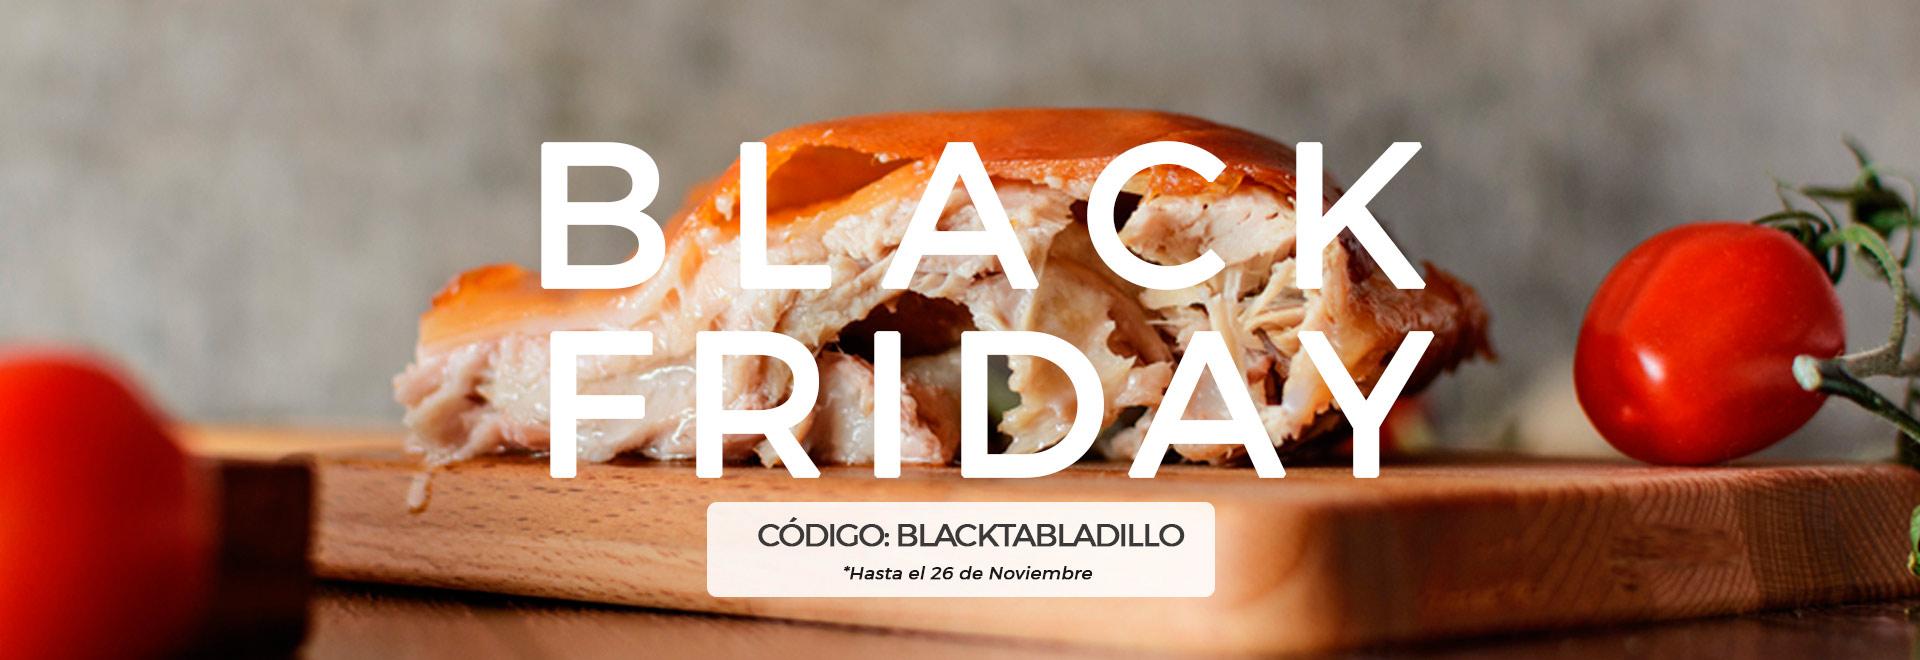 Black Friday Tabladillo 15% de Dto.